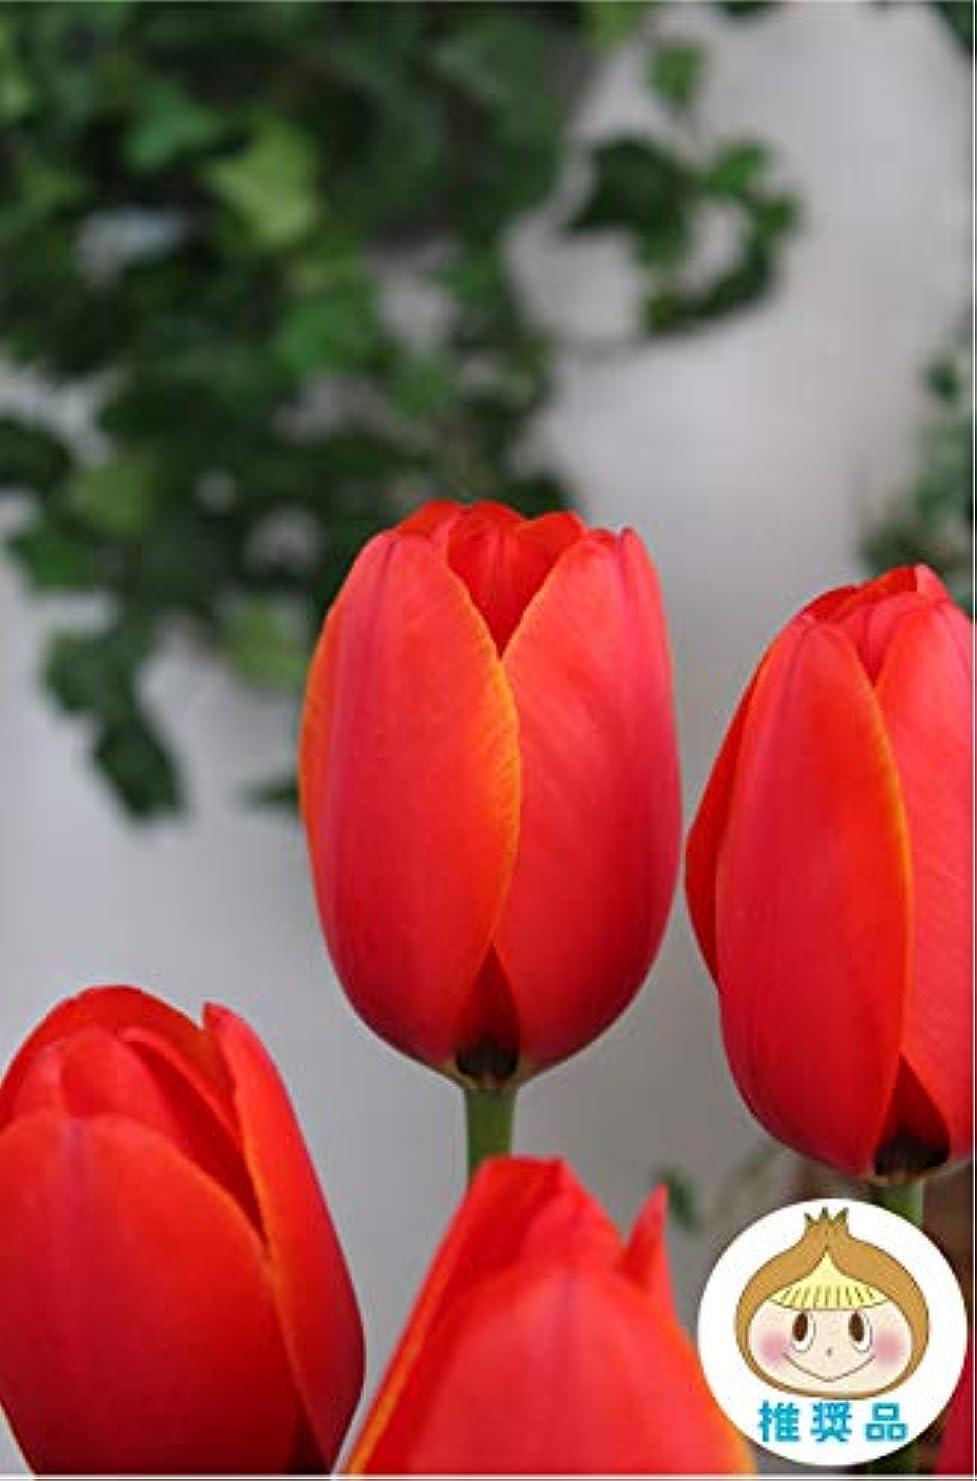 男スカリーリードはなみどり 秋植え! 良質国産香りチューリップ ワールドフェボリート 20球 球根